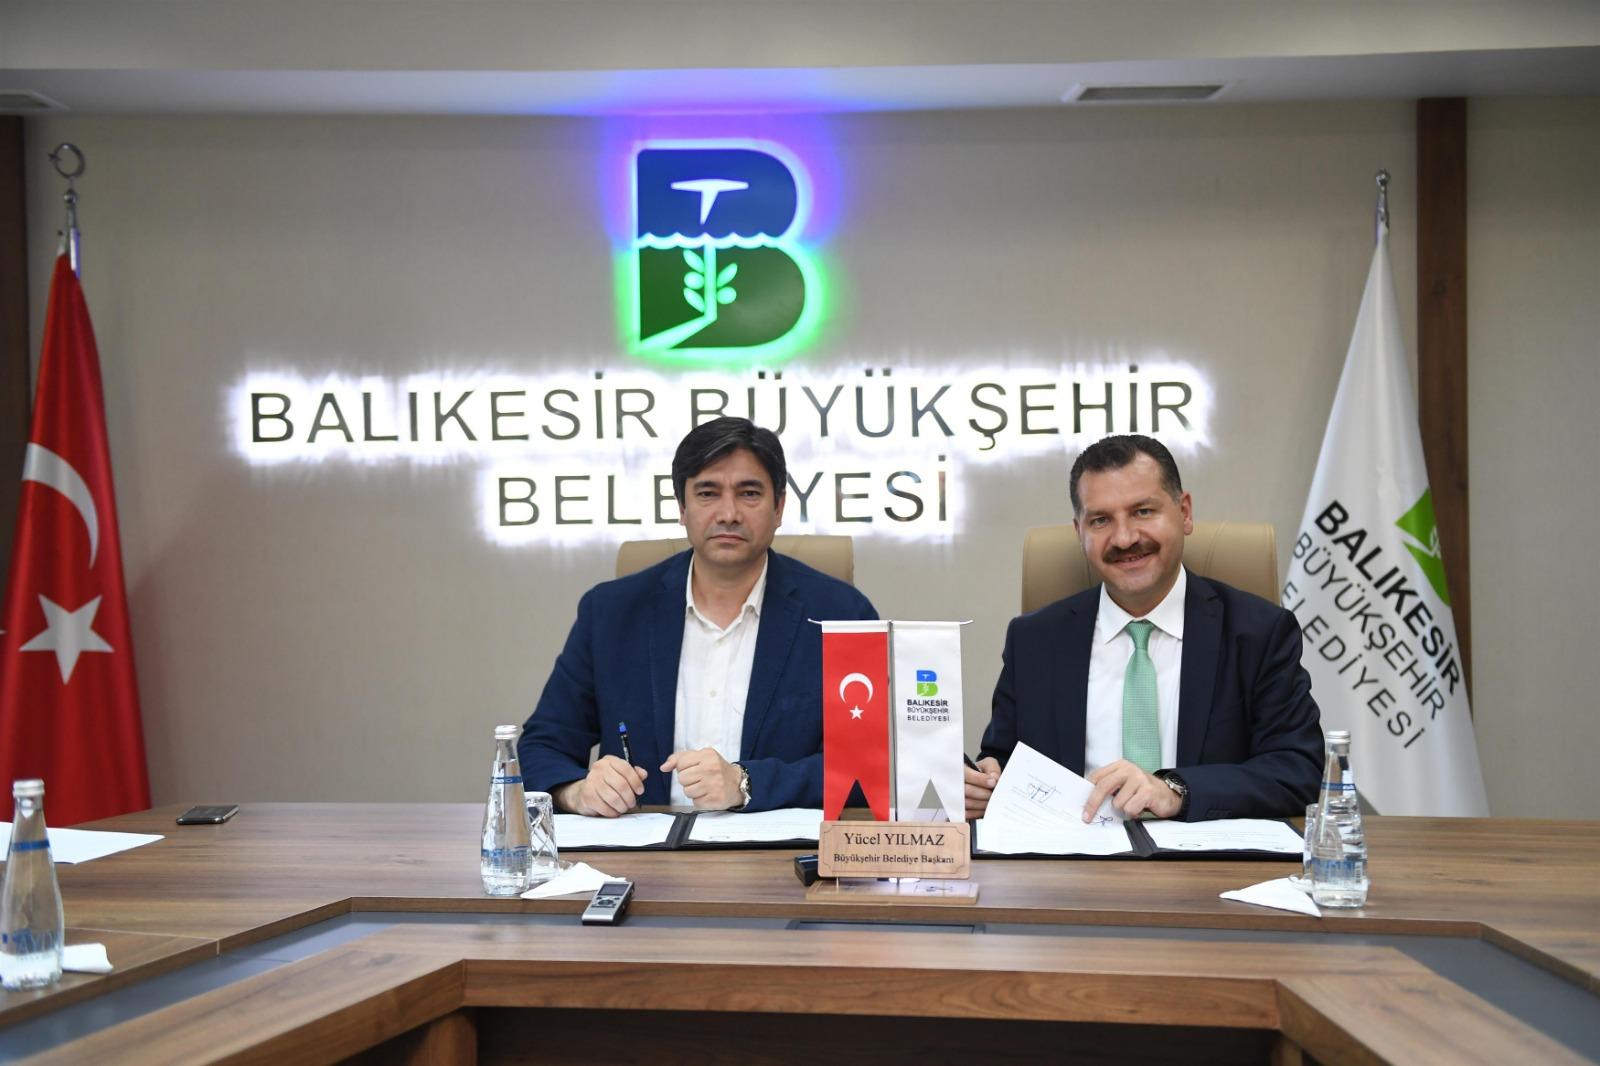 Büyükşehir Belediyesinde 1150 memur SDS imzaladı